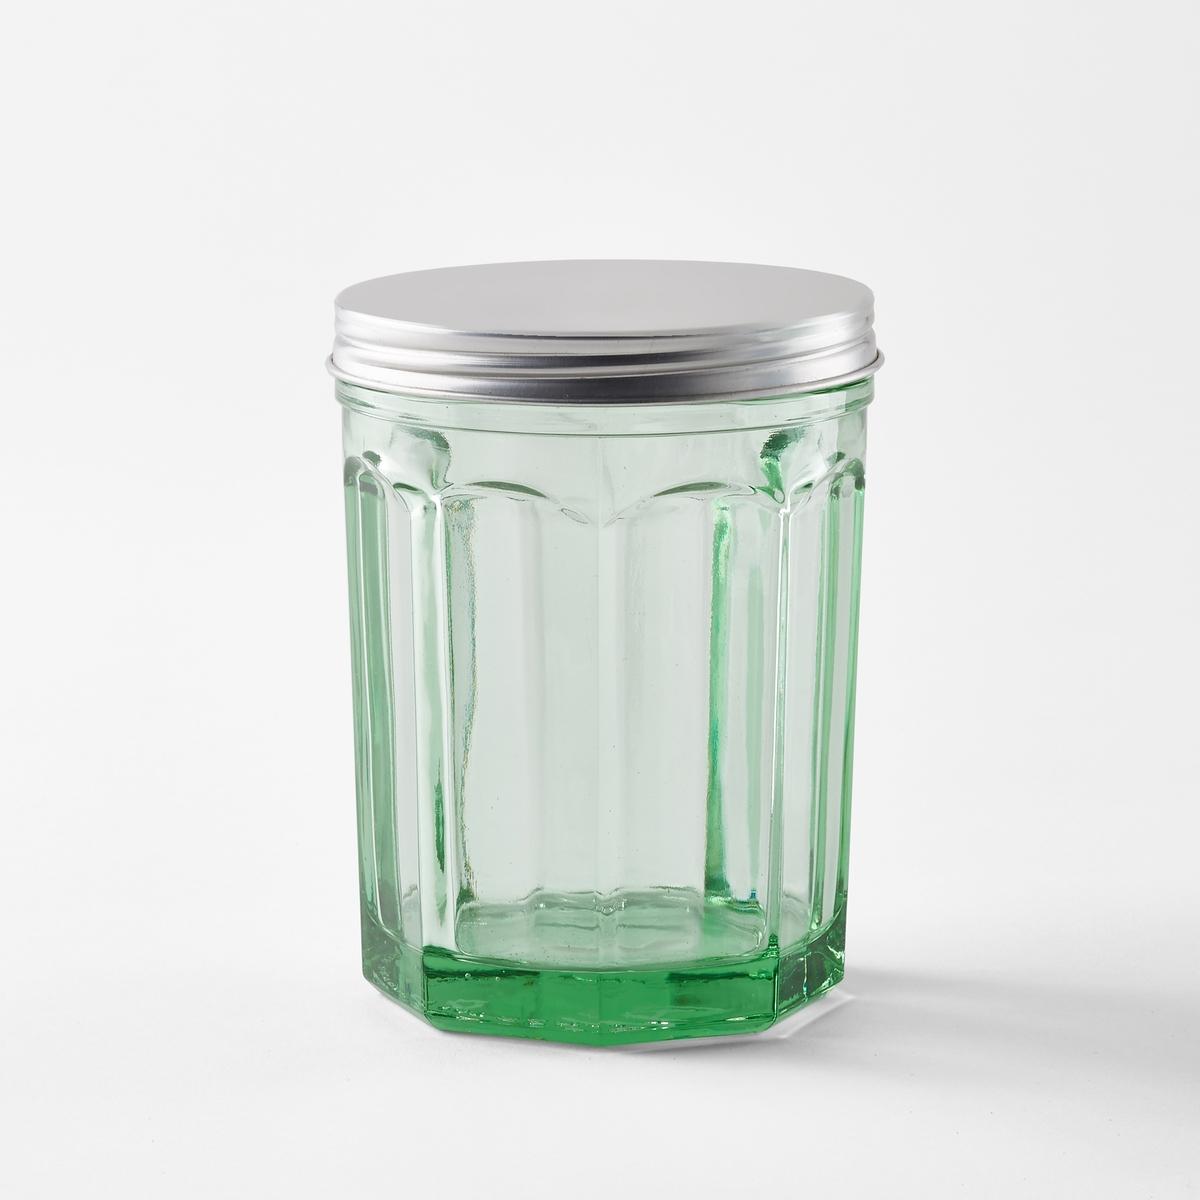 Горшок маленький с крышкой Fish&amp;Fish Paola Navone<br><br>Цвет: темно-зеленый<br>Размер: единый размер